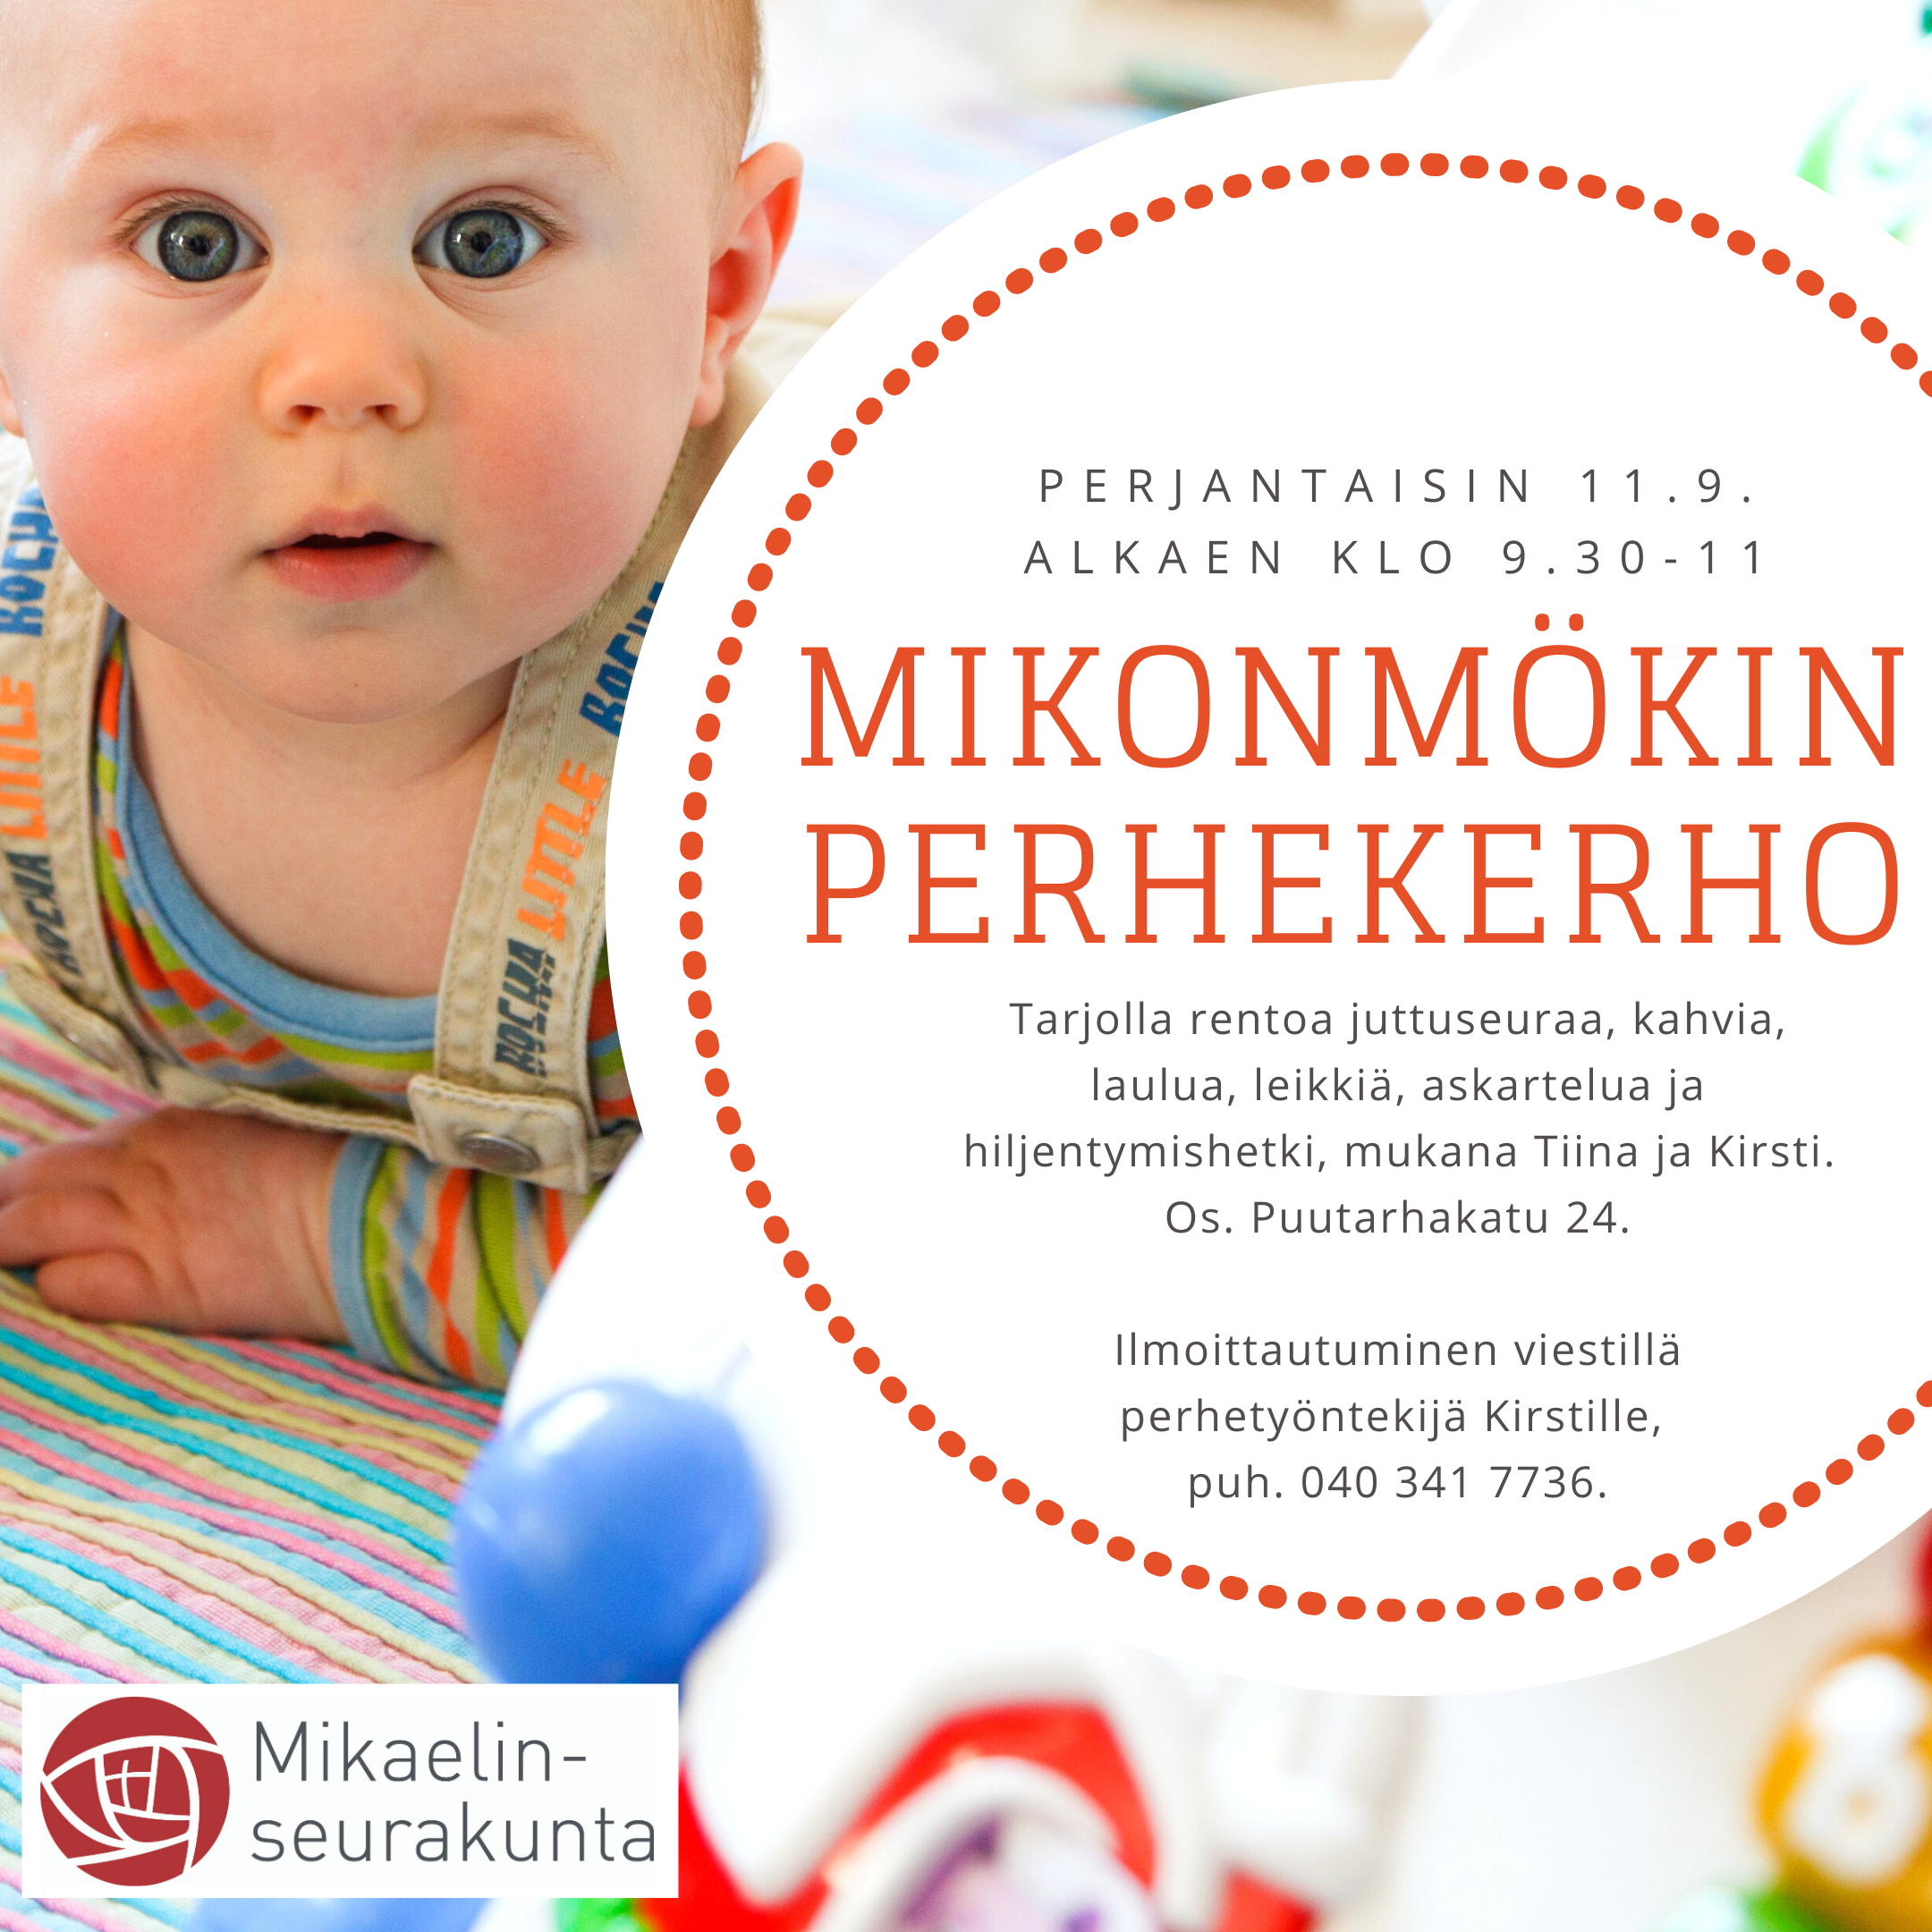 Mikonmökin perhekerho - Turun ja Kaarinan seurakunnat